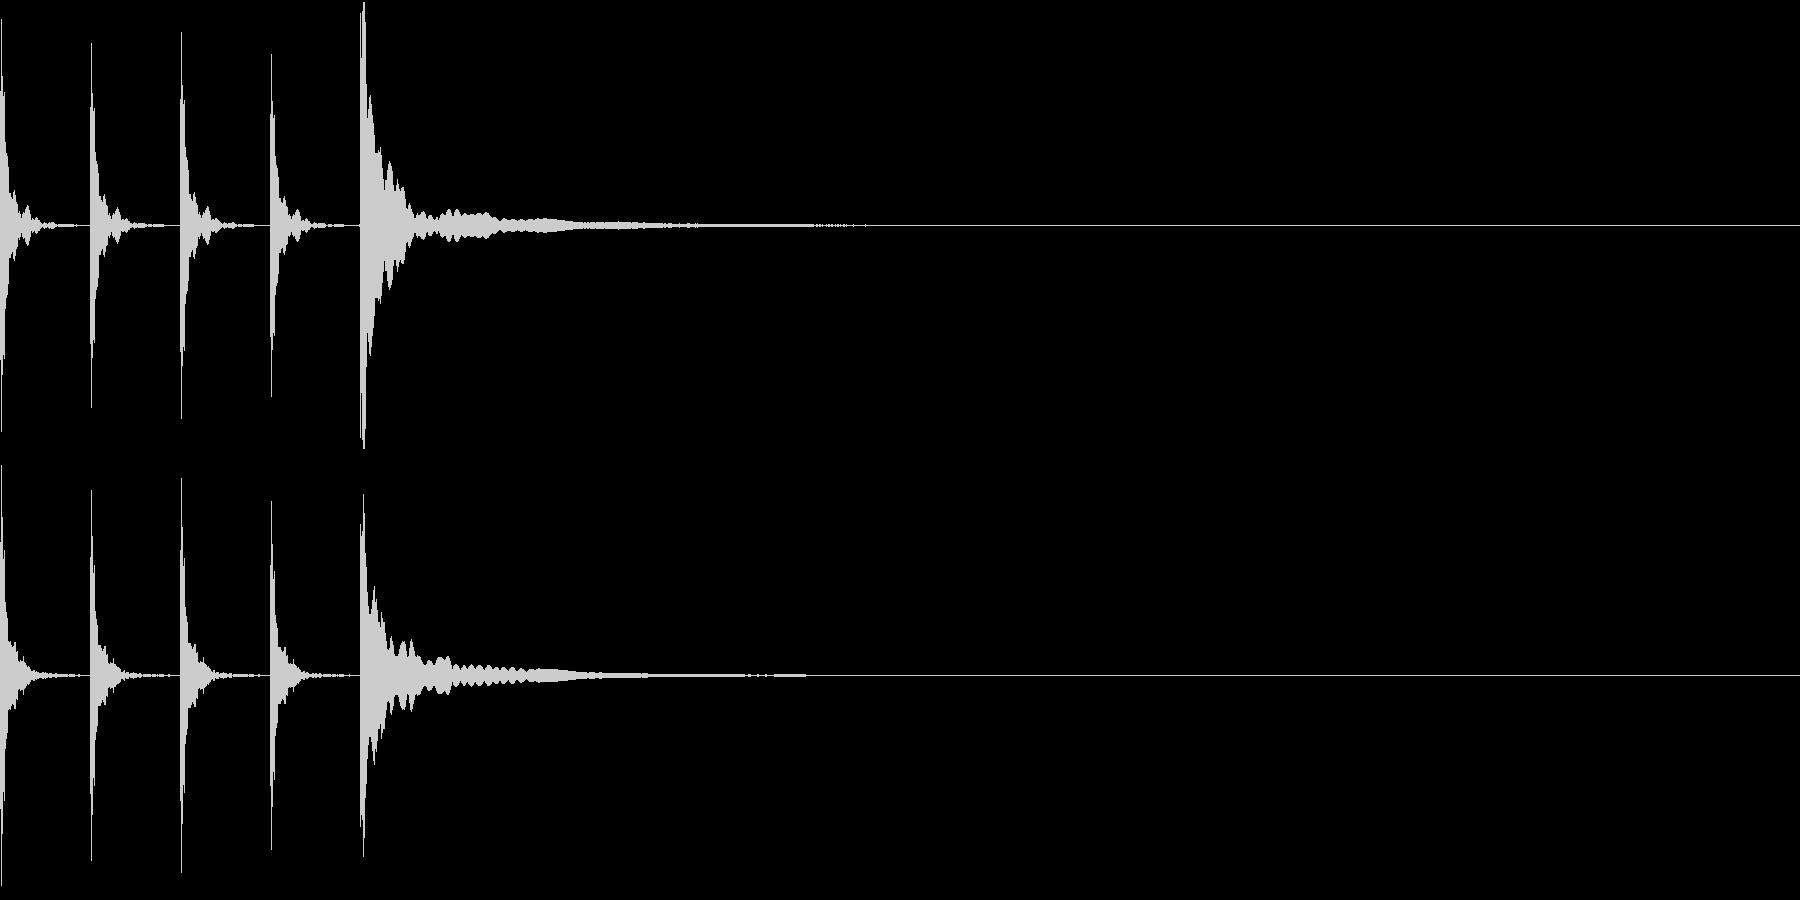 ポクポクポクチーン 木魚その3の未再生の波形